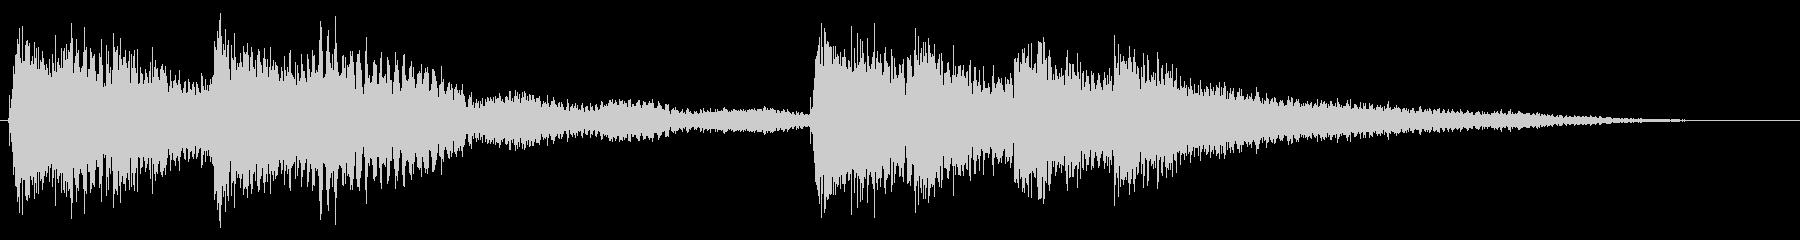 コミカルな印象の残るホラージングルの未再生の波形